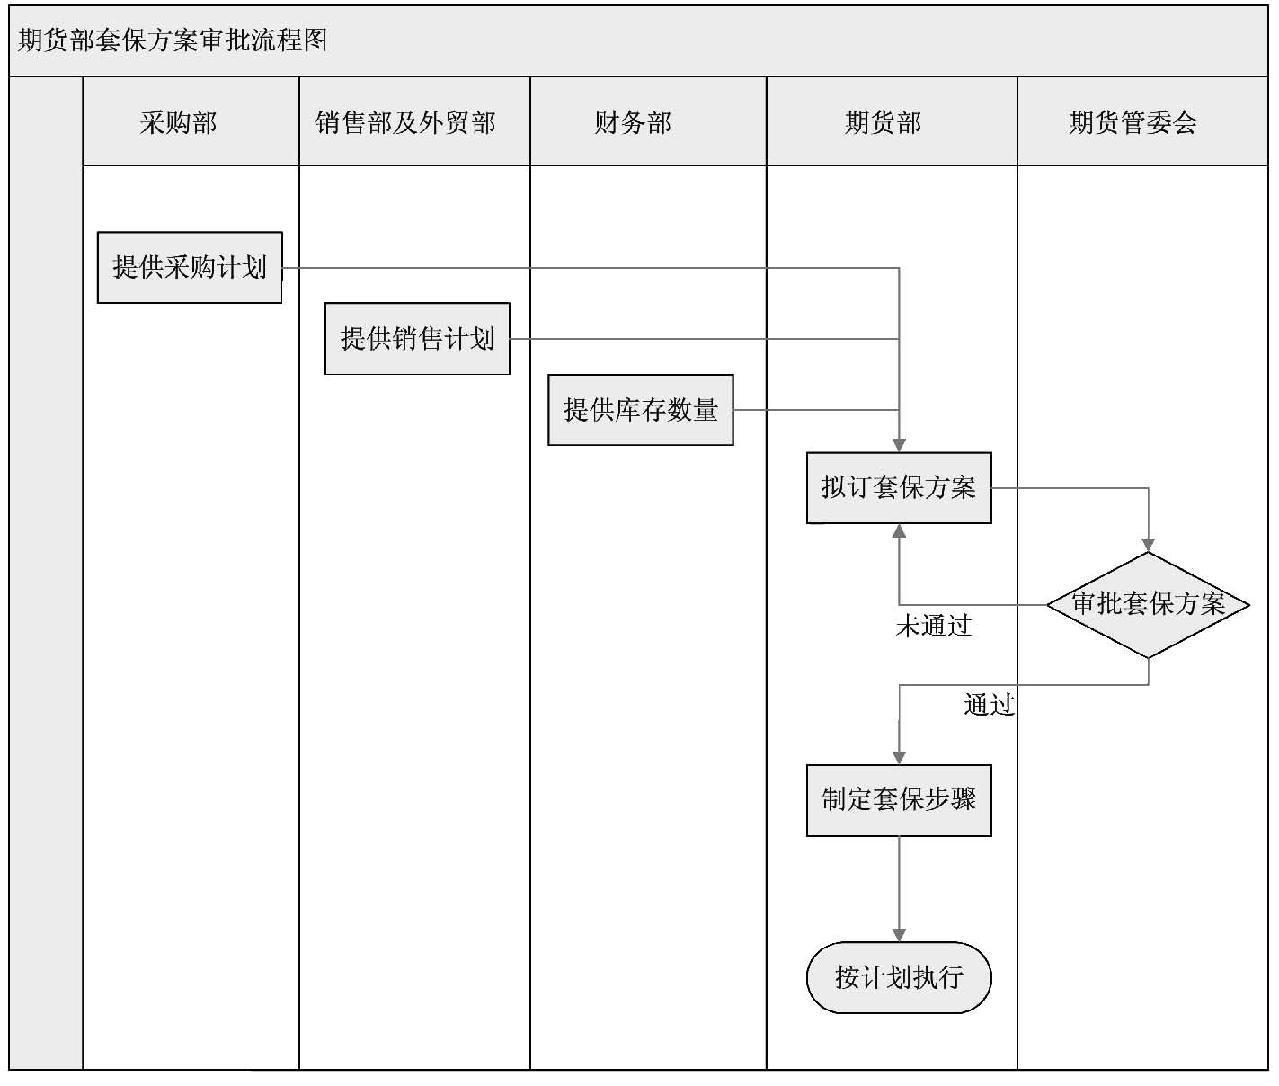 套期保值方案流程图.jpg